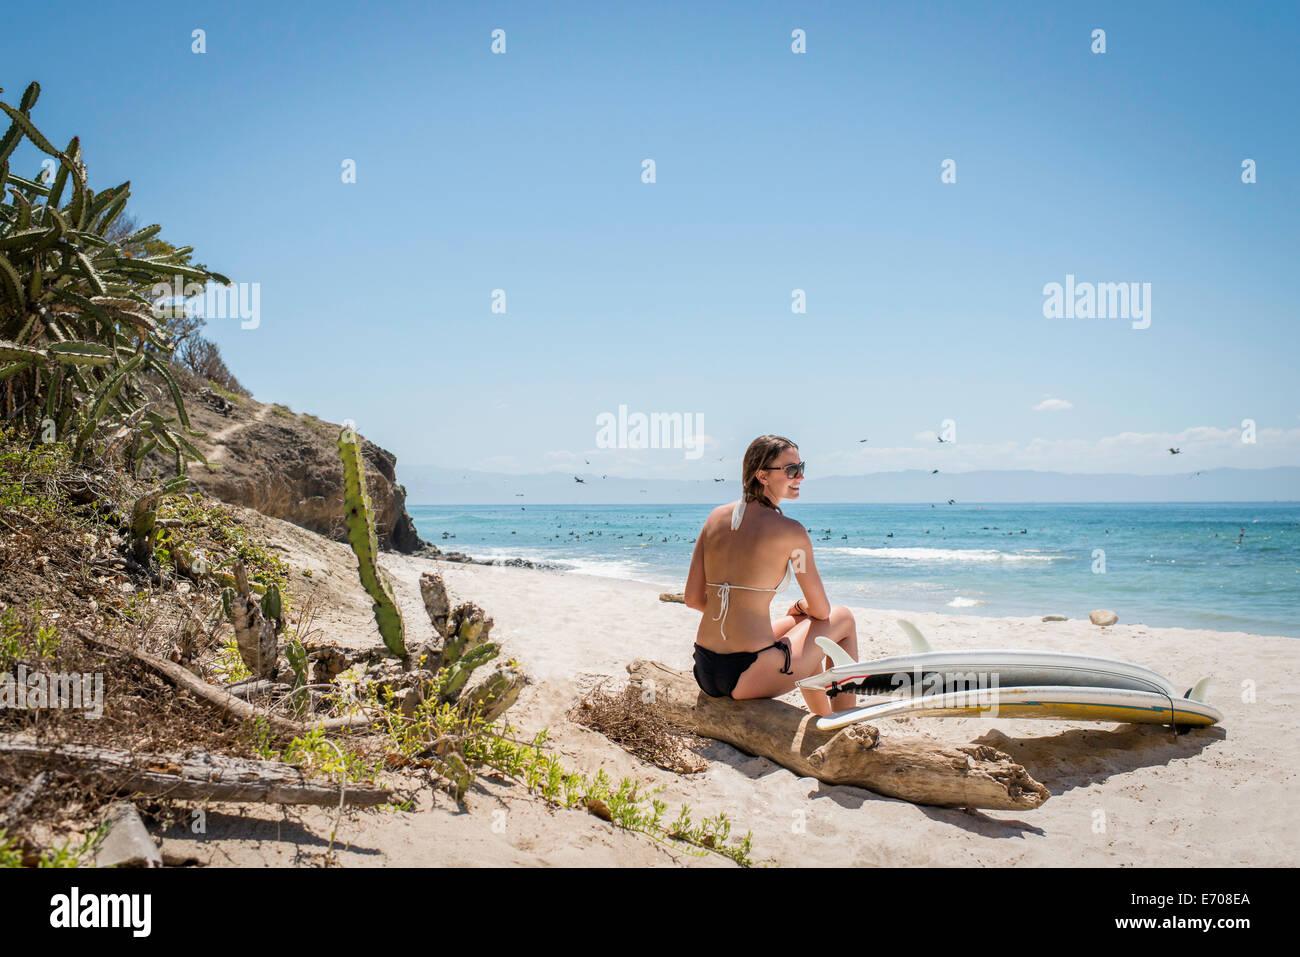 Giovane donna seduta su driftwood presso la spiaggia, le tavole da surf dal suo lato Immagini Stock